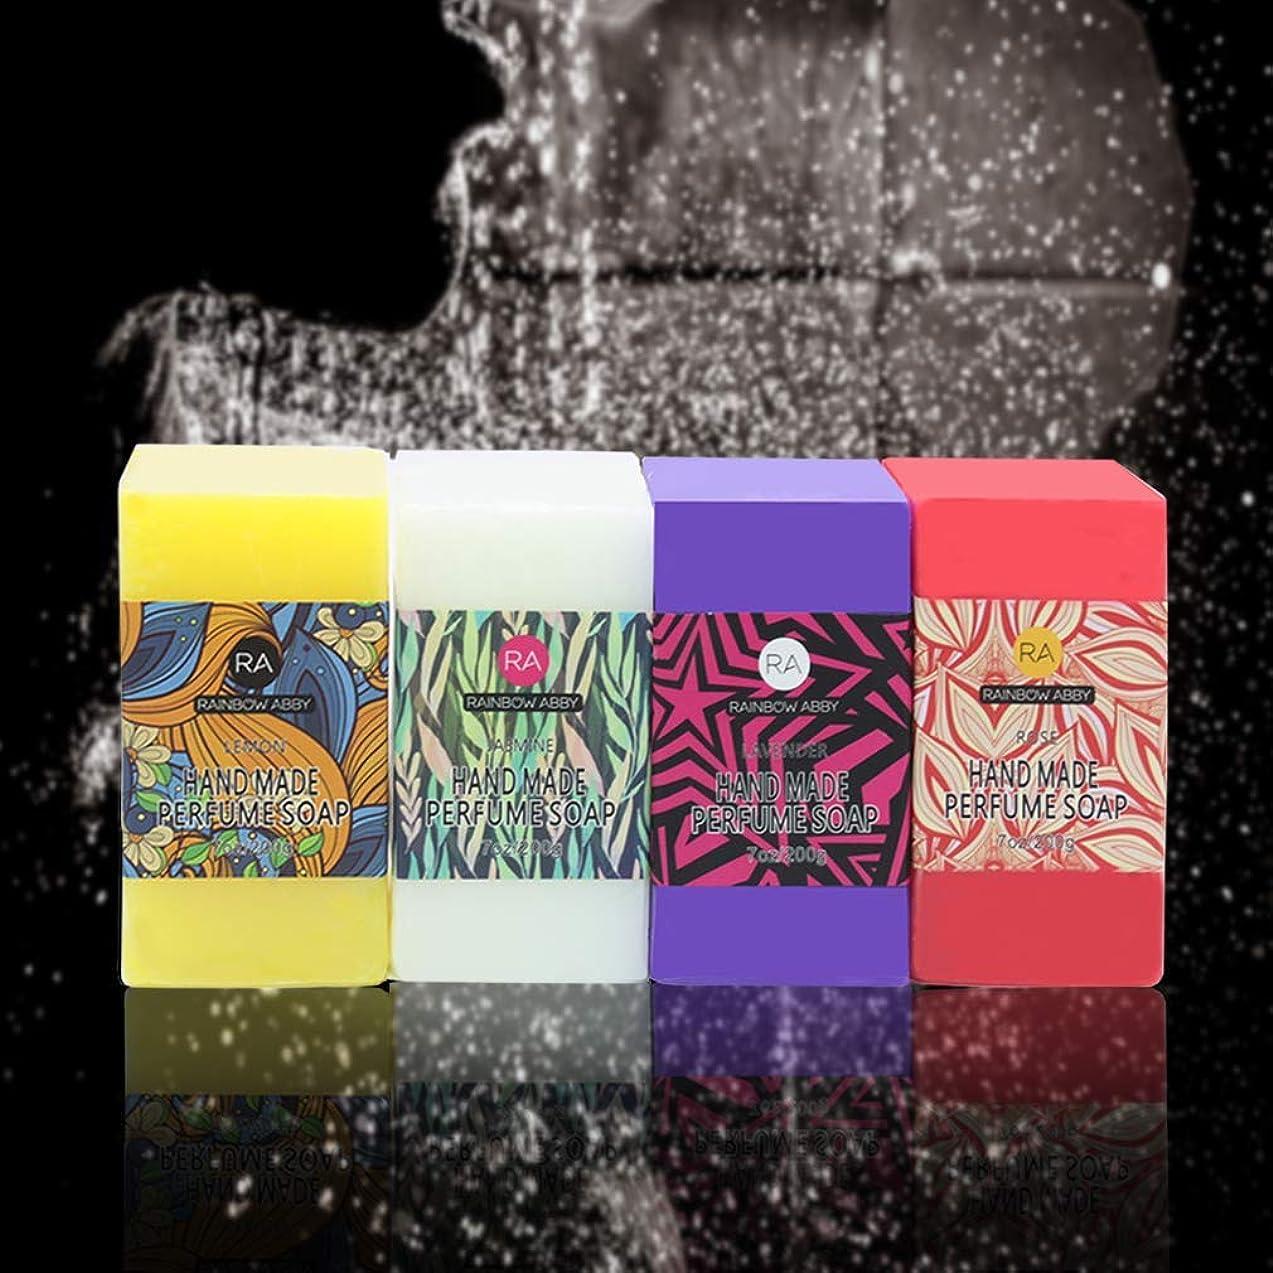 そこアナログ給料RAINBOW ABBY エッセンシャル オイル 手作り 石鹸 バー コールド プロセス ソープ ギフト セット 石鹸 ローズ ジャスミン ラベンダー レモン 石鹸 、4パック、7Oz 各